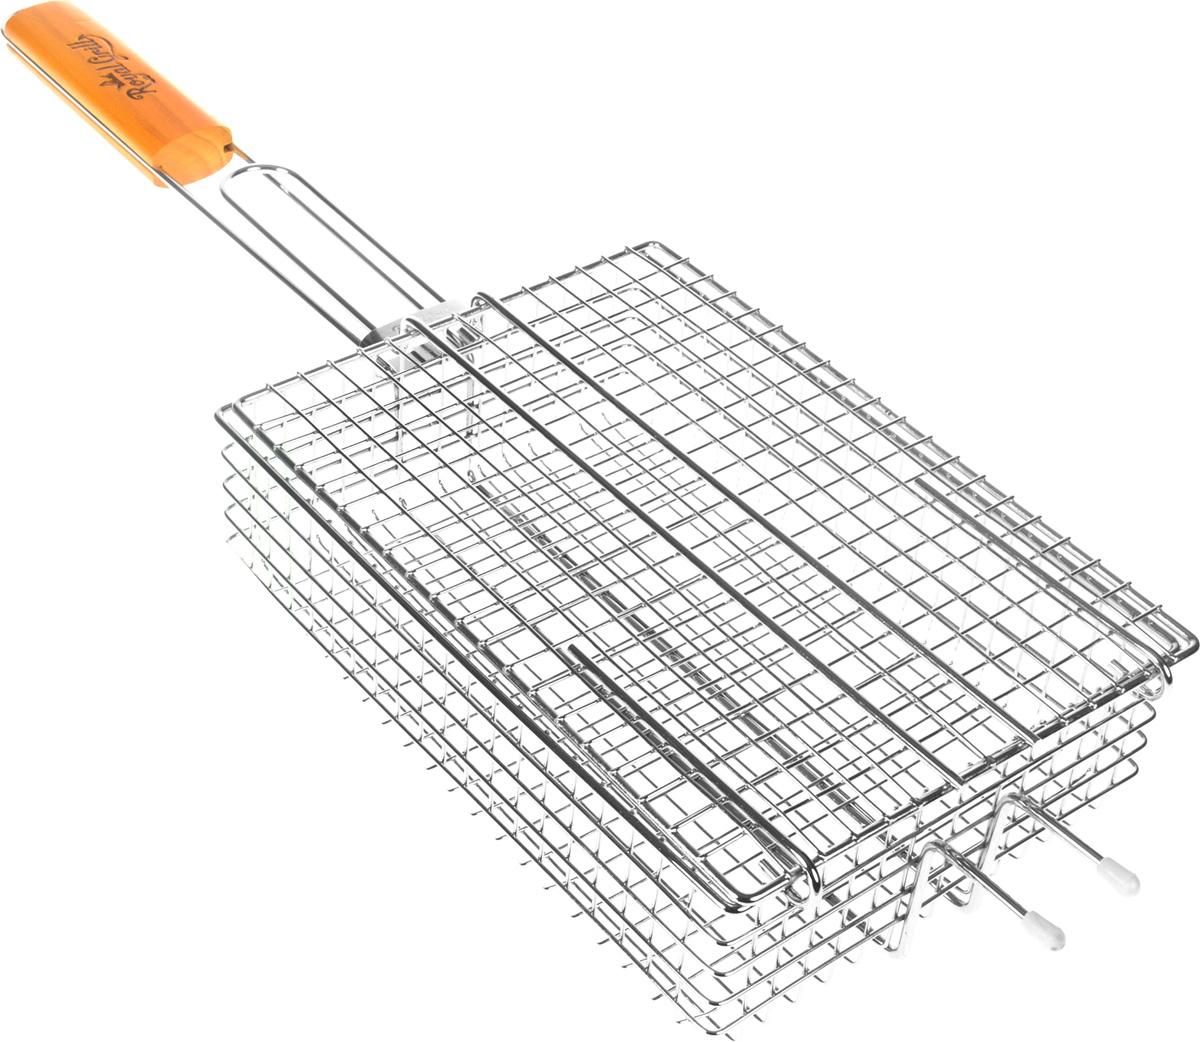 Решетка-гриль для мелких кусочков RoyalGrill, глубокая, 25,5 х 18 см54 009312Глубокая решетка-гриль RoyalGrill изготовлена из высококачественной пищевой стали, а рукоятка выполнена из дерева. Изделие имеет съемную крышку, которая фиксируется с помощью кольца. Решетка предназначена для приготовления мелких кусочков мяса, птицы, рыбы, овощей. Надежная конструкция удобна в использовании. Размер решетки: 25,5 х 18 х 8 см. Длина (с ручкой): 60 см.